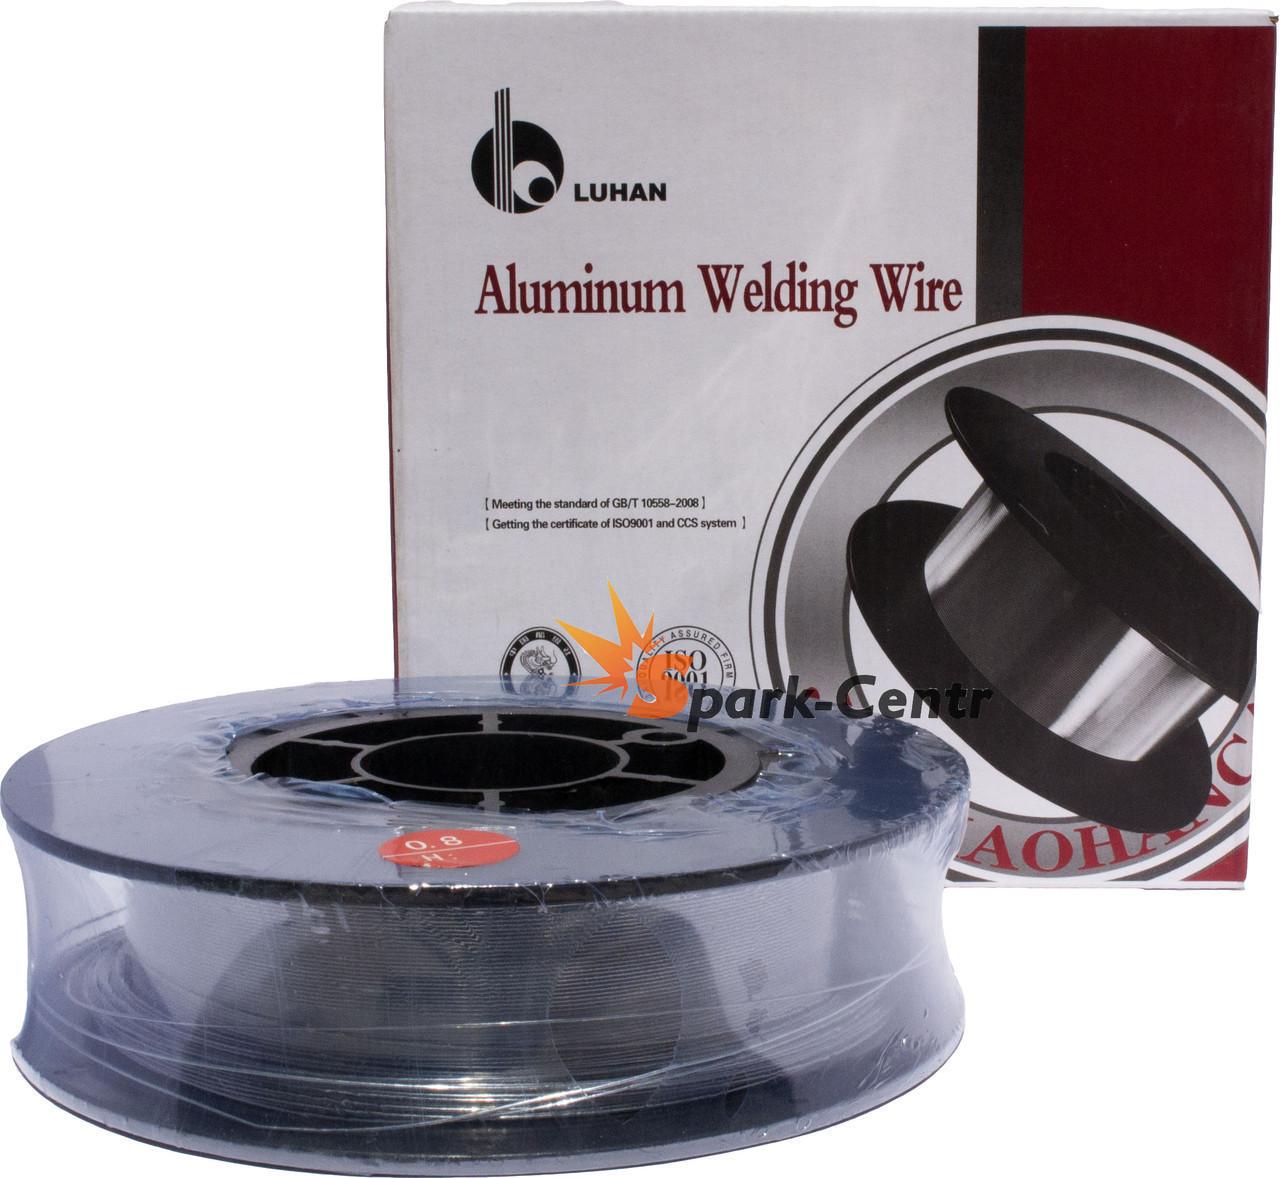 Алюминиевая сварочная проволока ER 5356(Св-АМг5) 1,0 мм (упаковка - 7 кг)